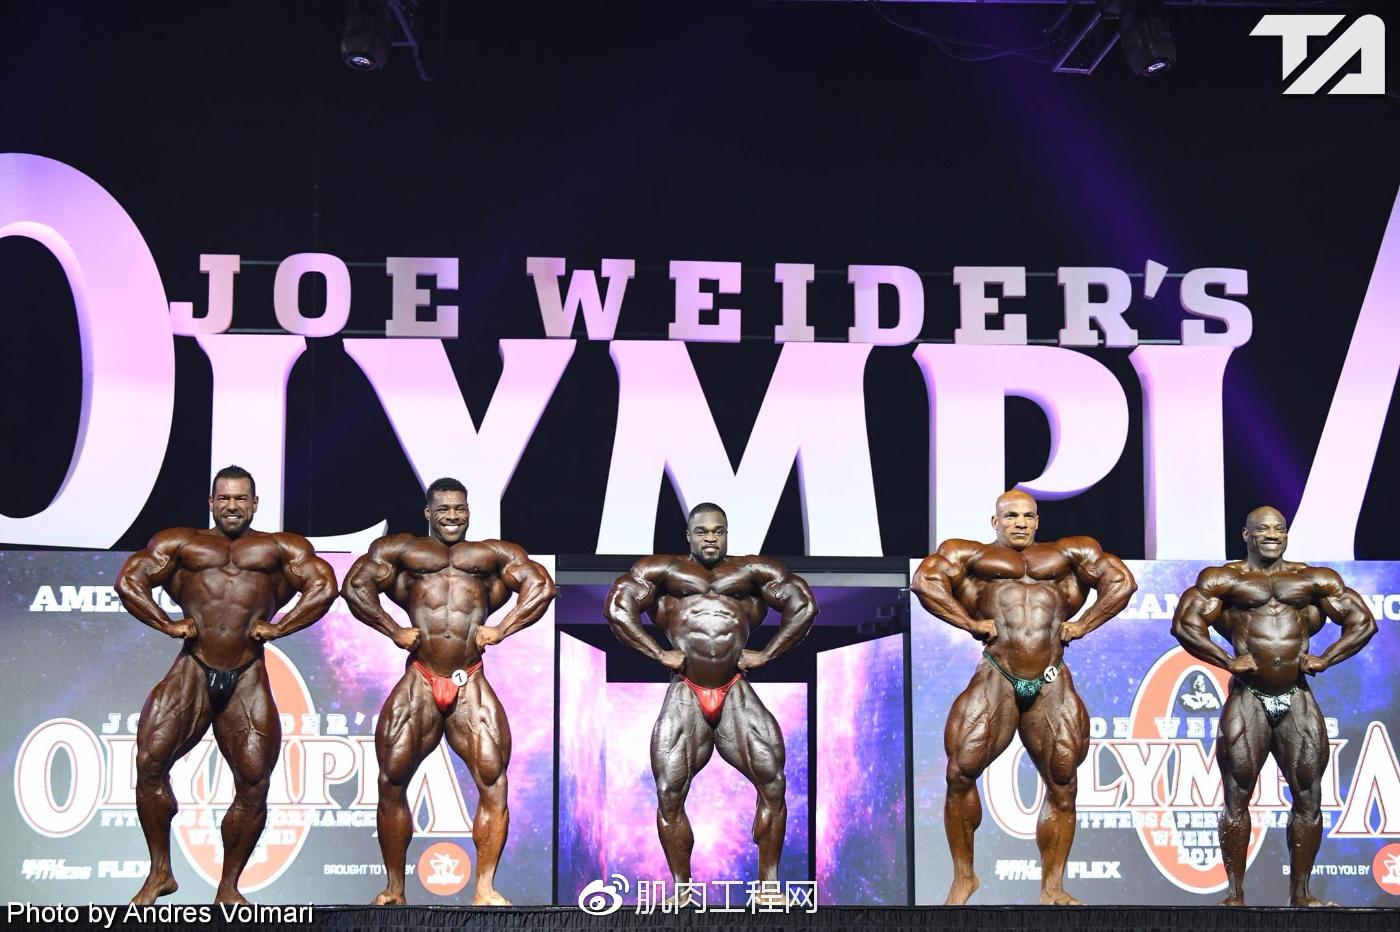 (超清大图)2018年奥赛职业组贵族马球无健美级打差别男子图片